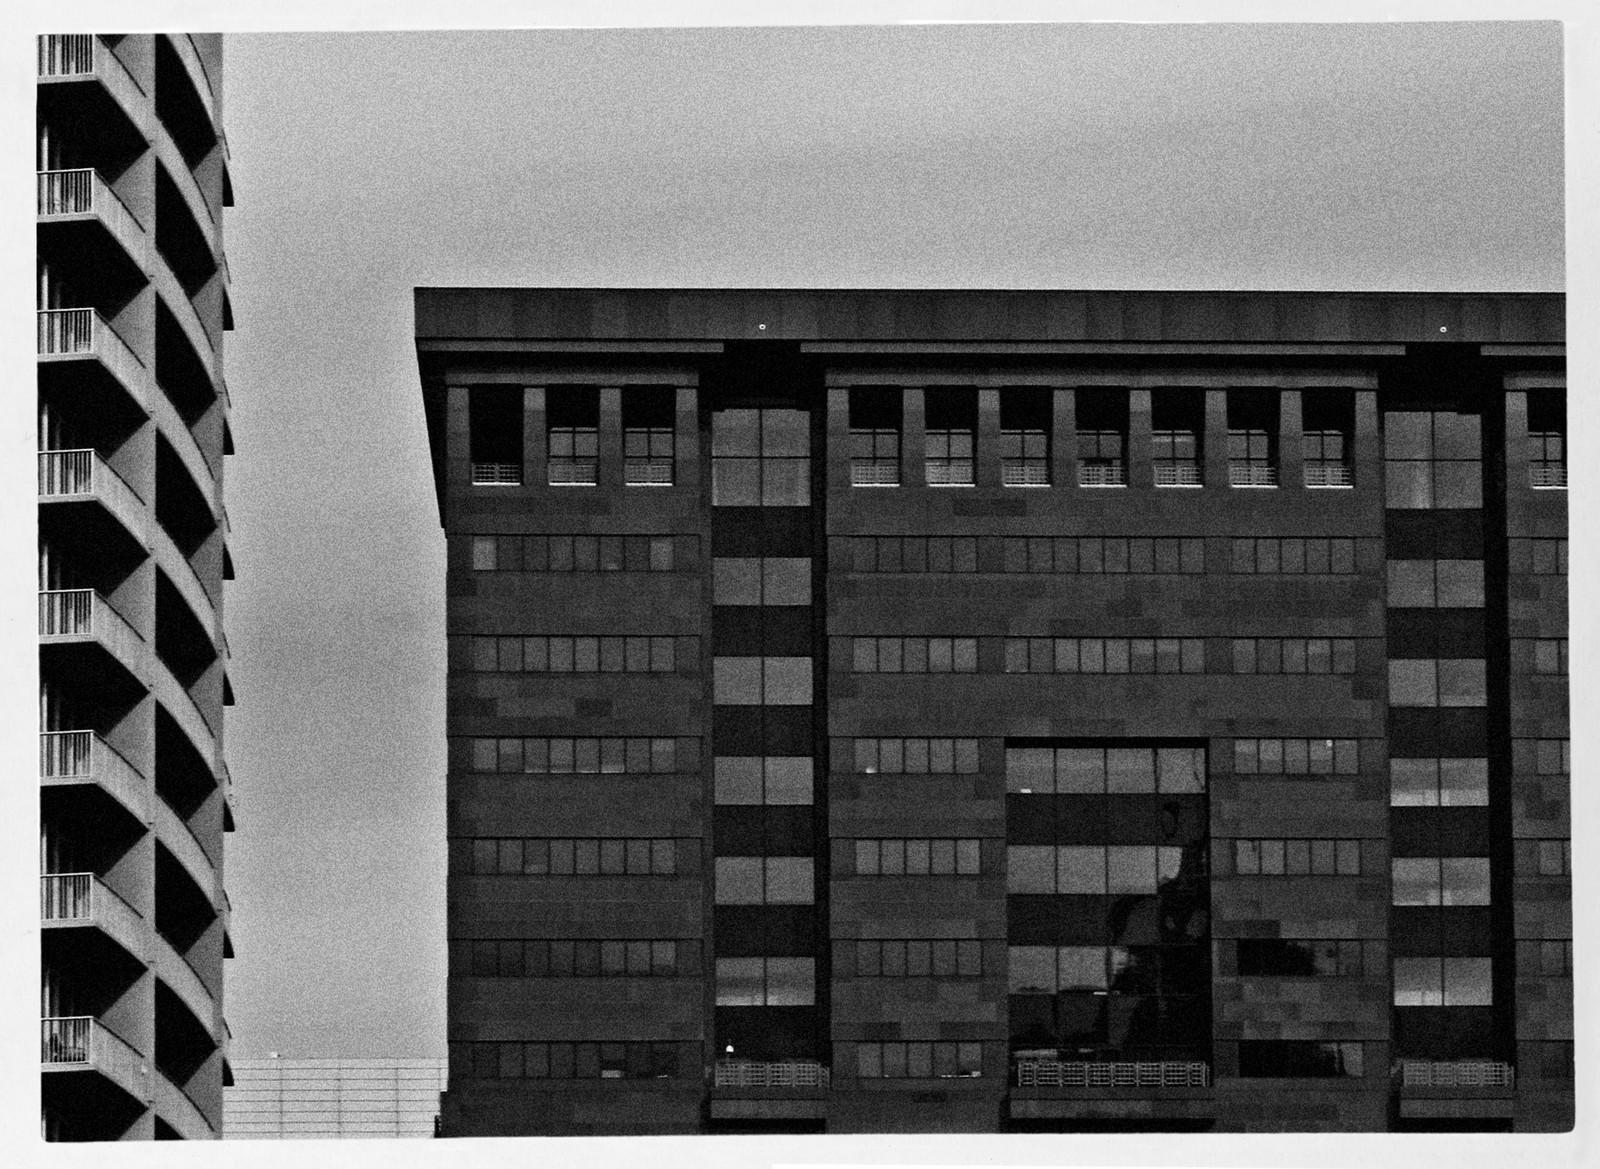 10 Peachtree Place, Midtown Atlanta